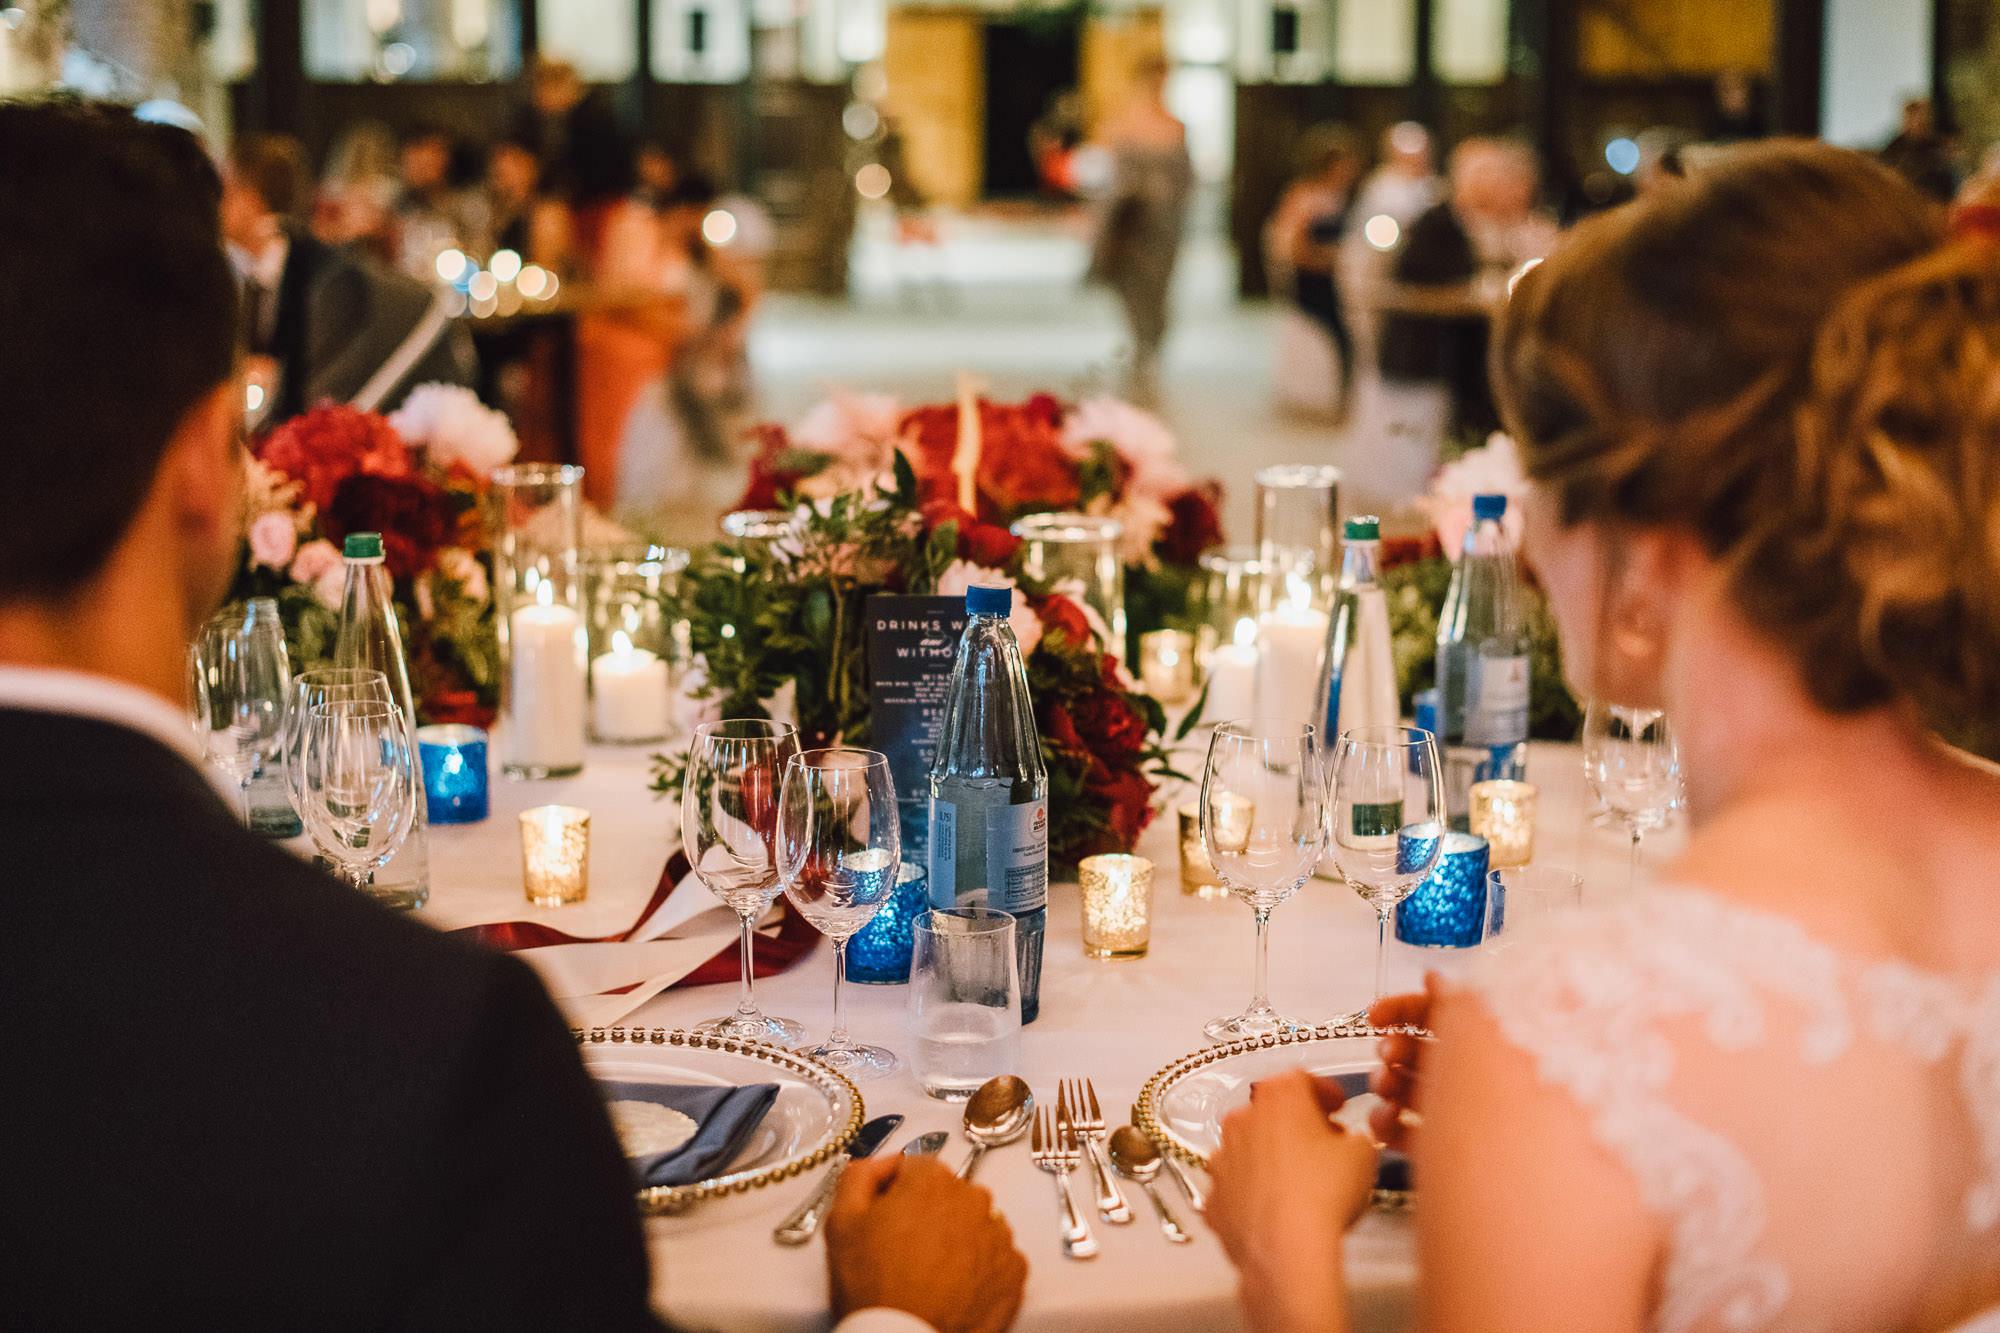 rustic-elegant-wedding-schloss-hochzeit-eyrichshof-franken-bamberg-125